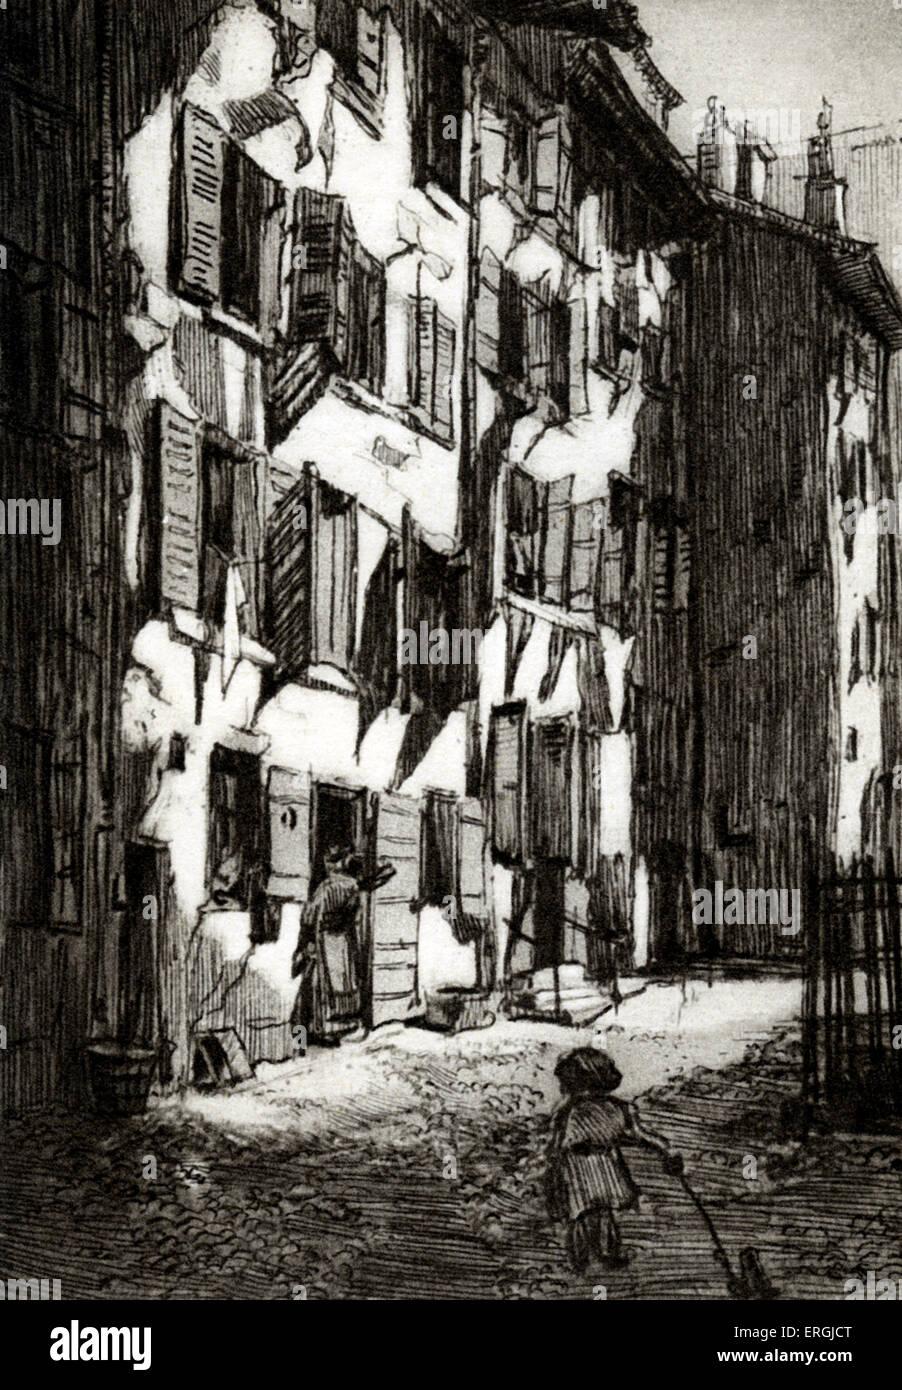 Vieux quartier de Genève. Impression monochrome de l'illustration par Verdier (dates inconnues). Photo Stock